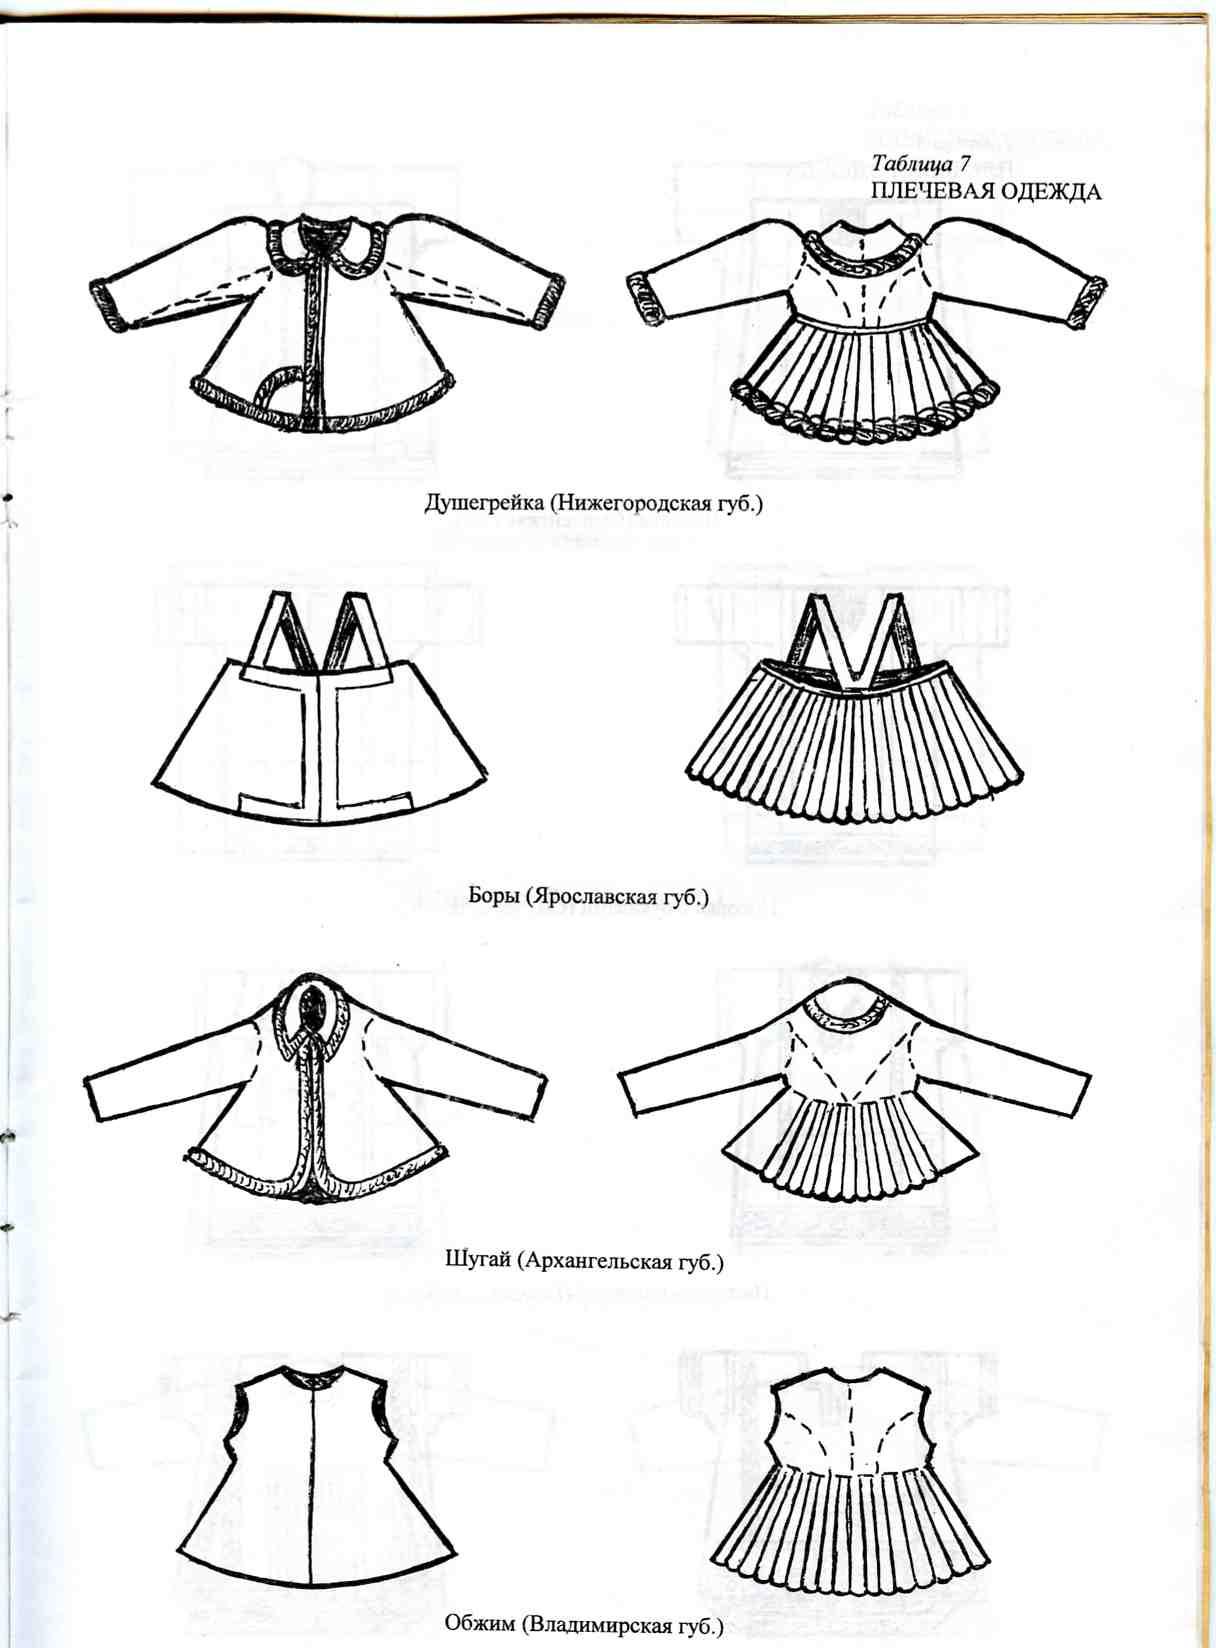 Как сшить казахский национальный костюм для девочки своими руками выкройки